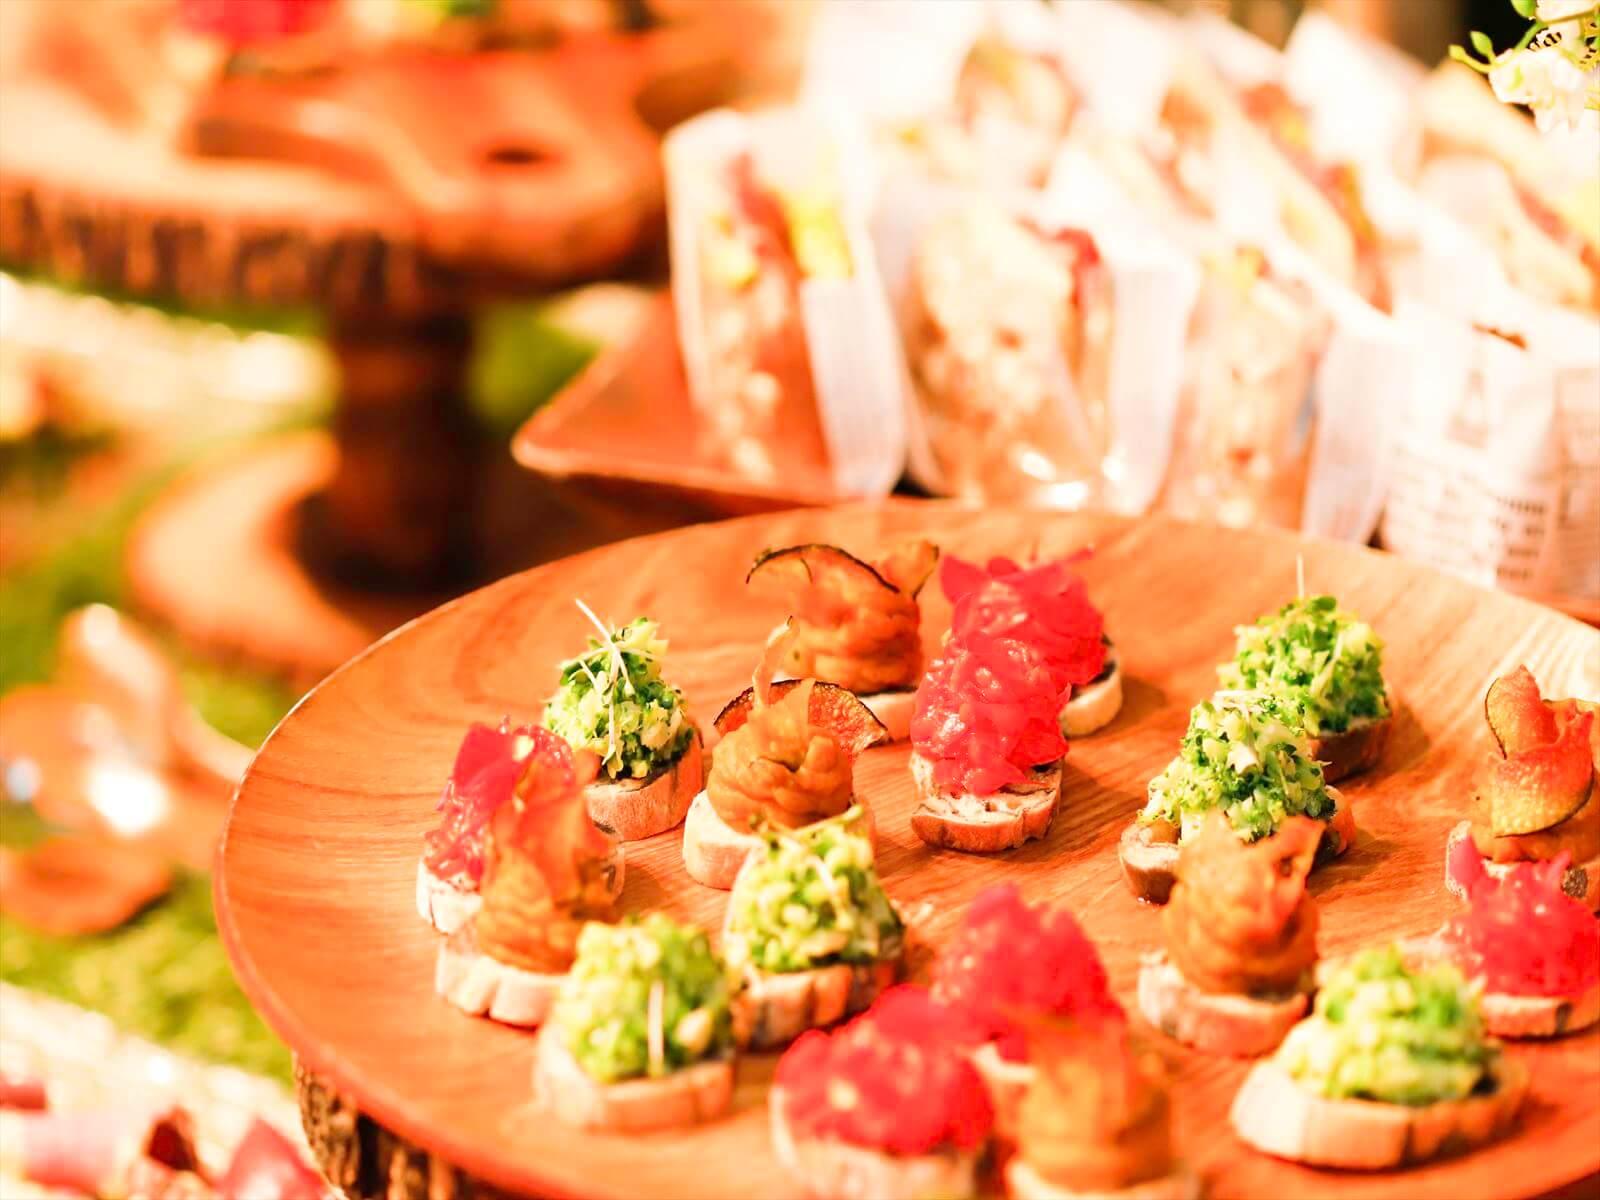 【インスタ映え】洋食中心!フォリクラッセの立食スタンダードケータリングプラン画像0